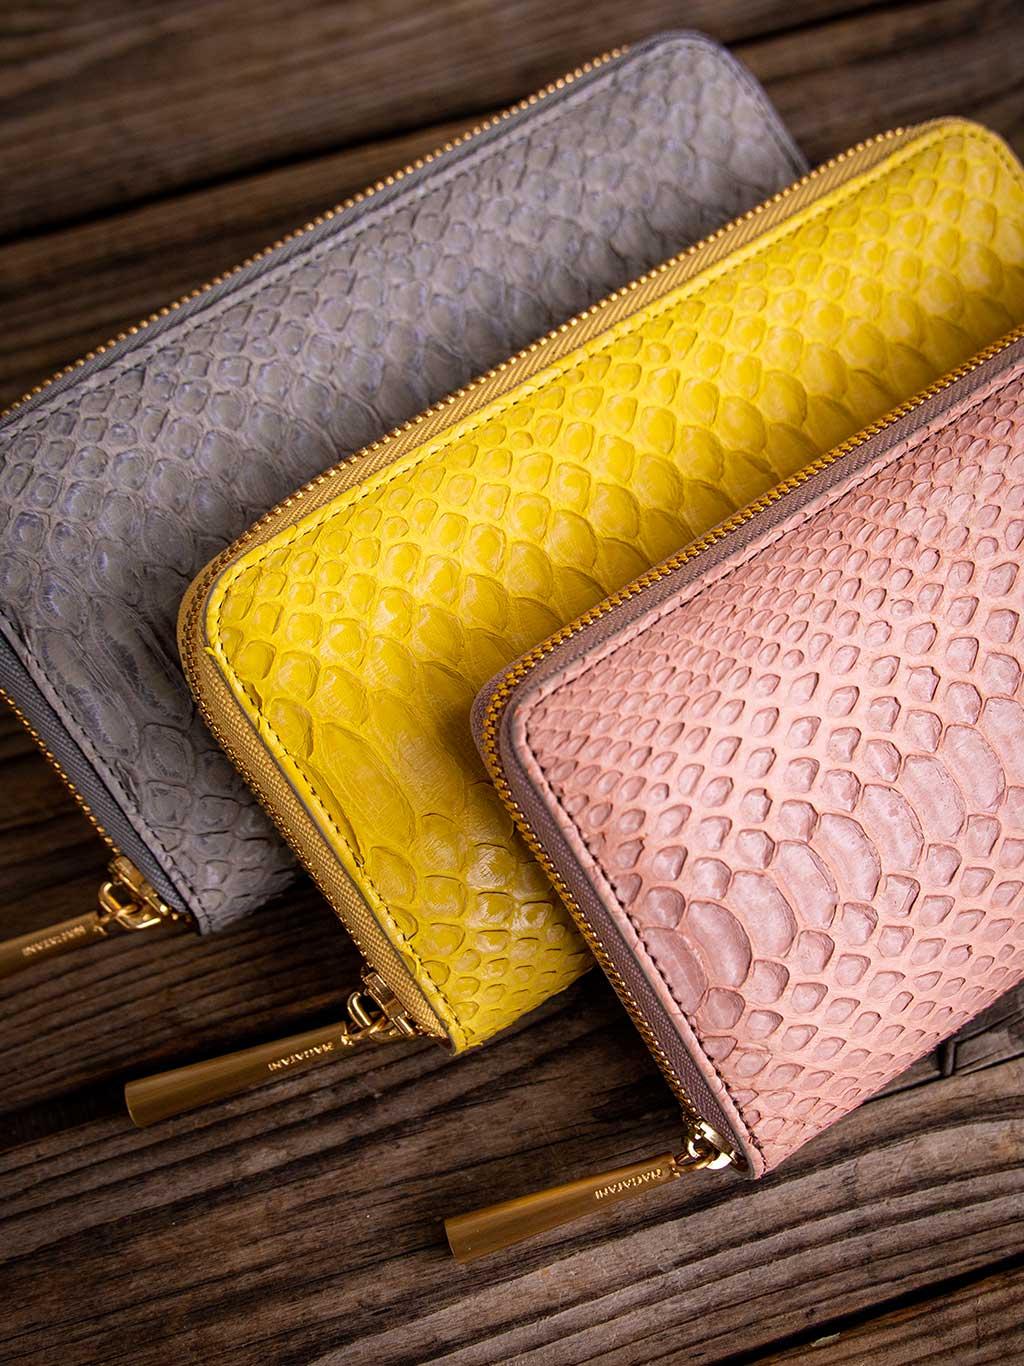 小さくても収納力がある機能性が魅力的な本革スモールウォレット・ミニ財布。